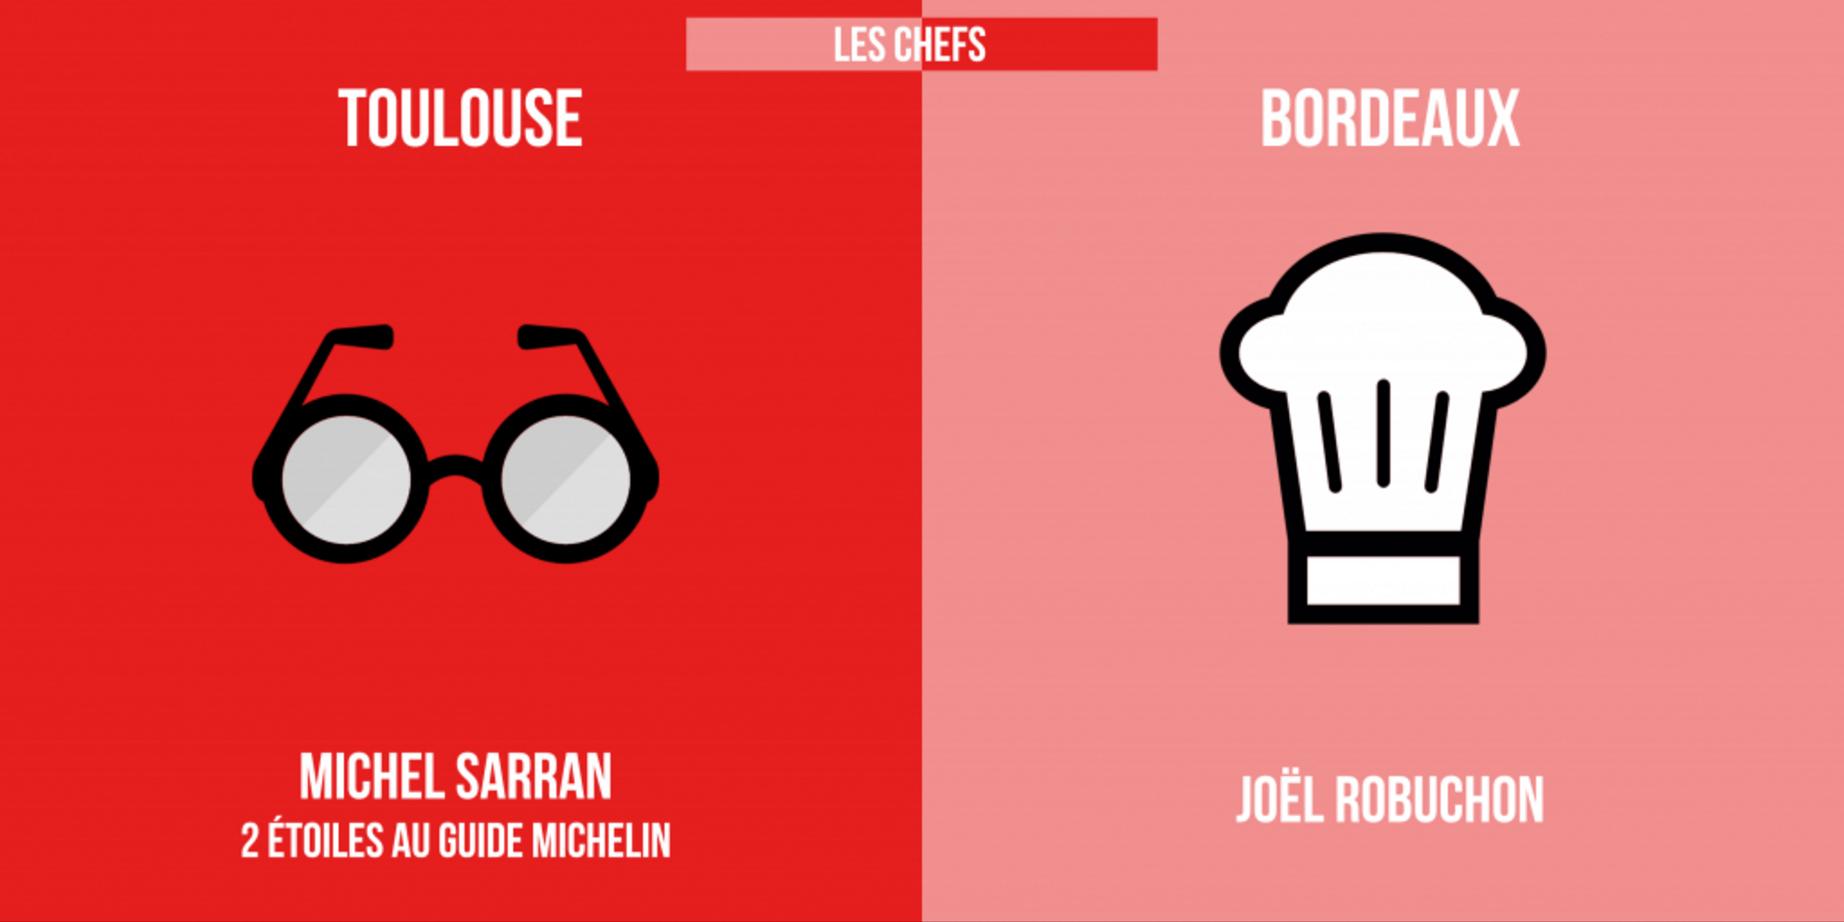 Toulouse vs Bordeaux